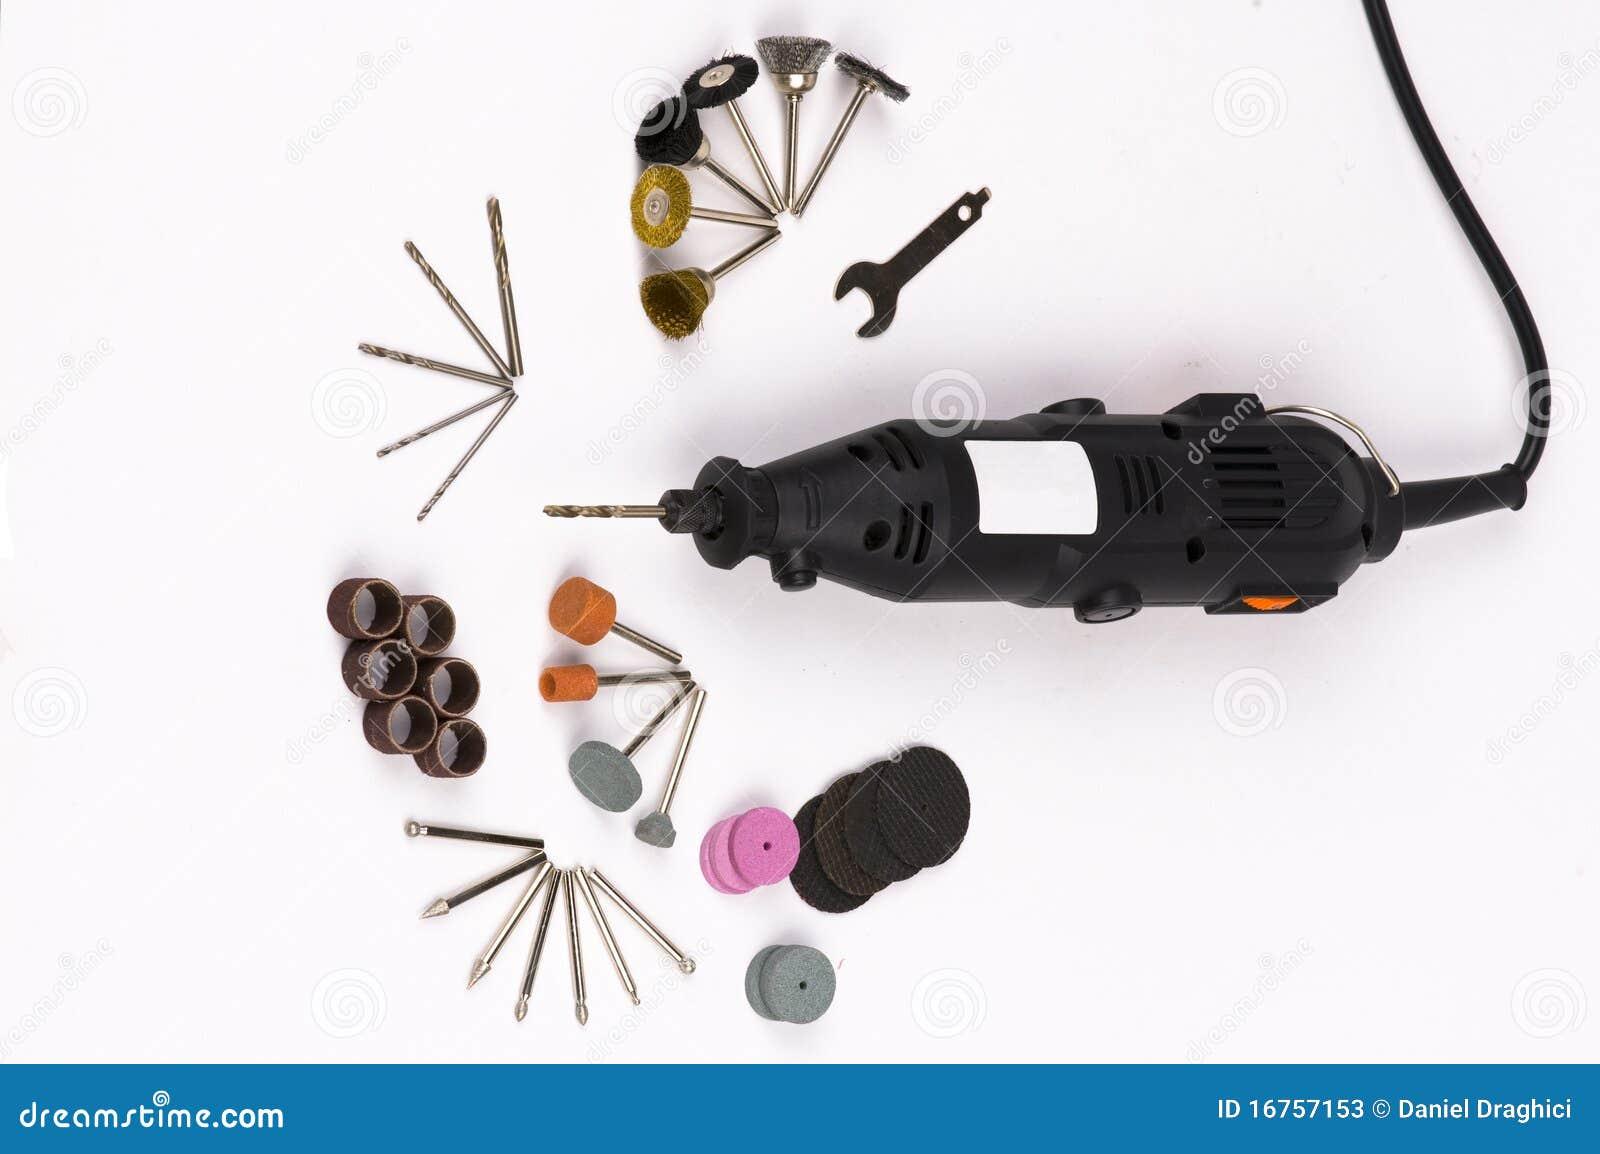 Découpage, perçage, outils de polissage